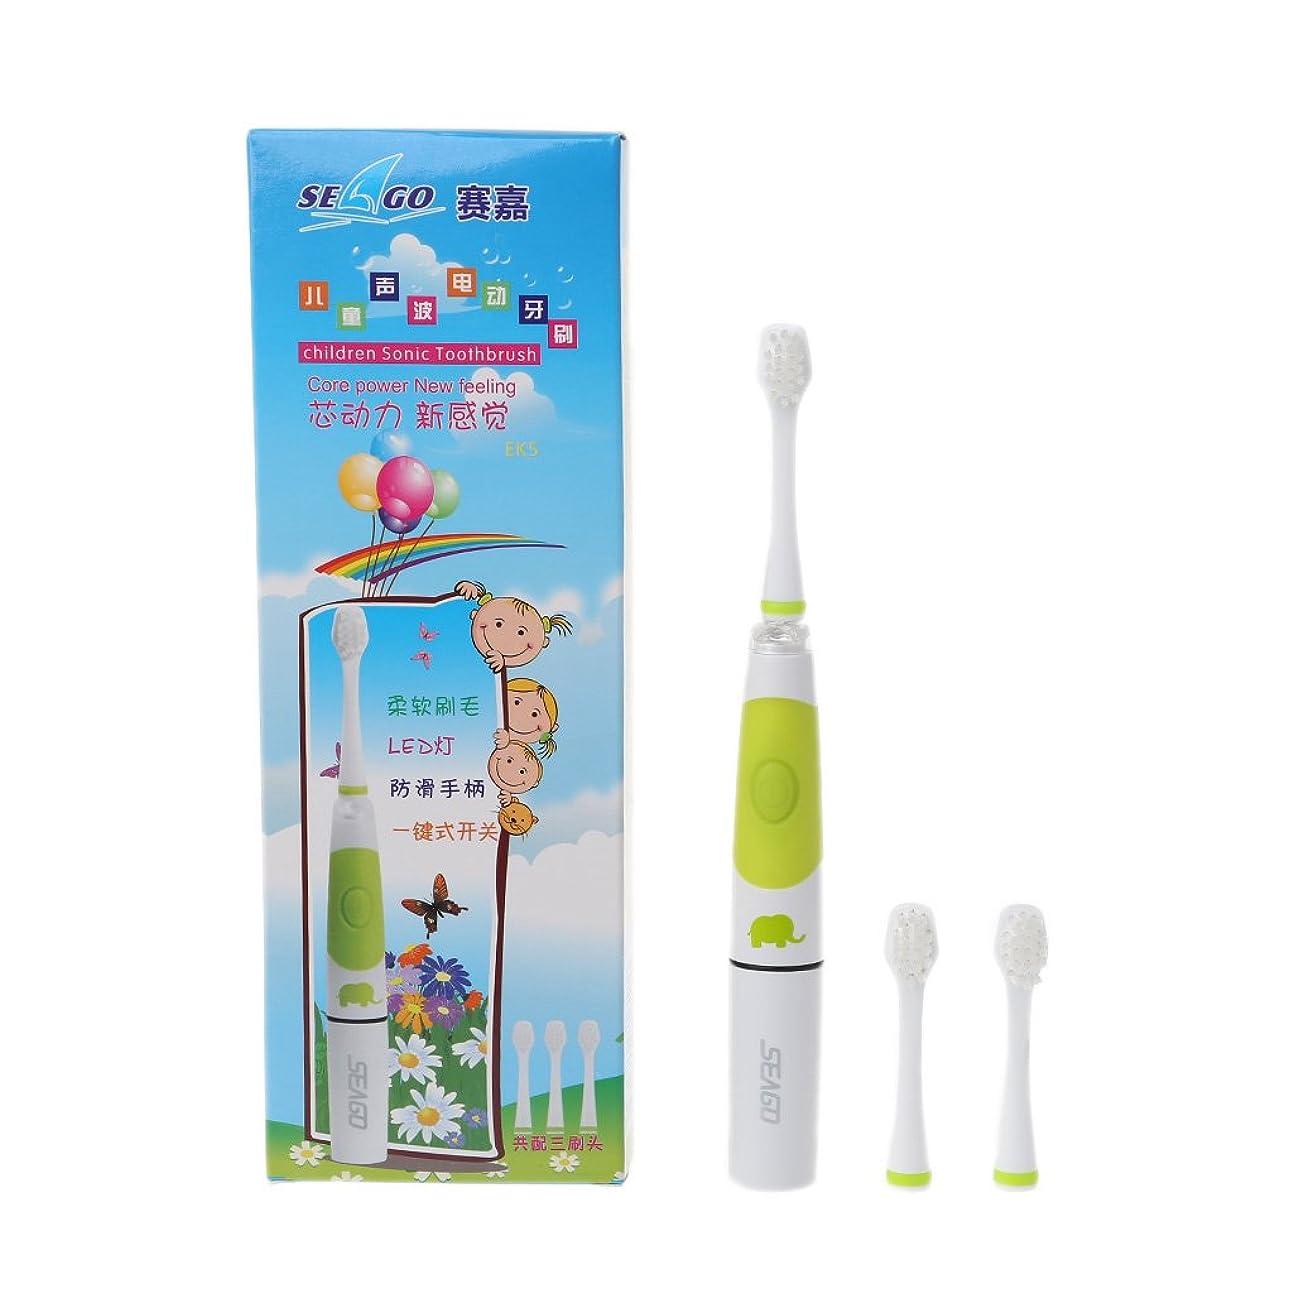 香り曲げるパーツBiuuu SEAGO Sonic電動歯ブラシキッズバッテリー歯ブラシLEDインジケーター3ヘッド (グリーン)